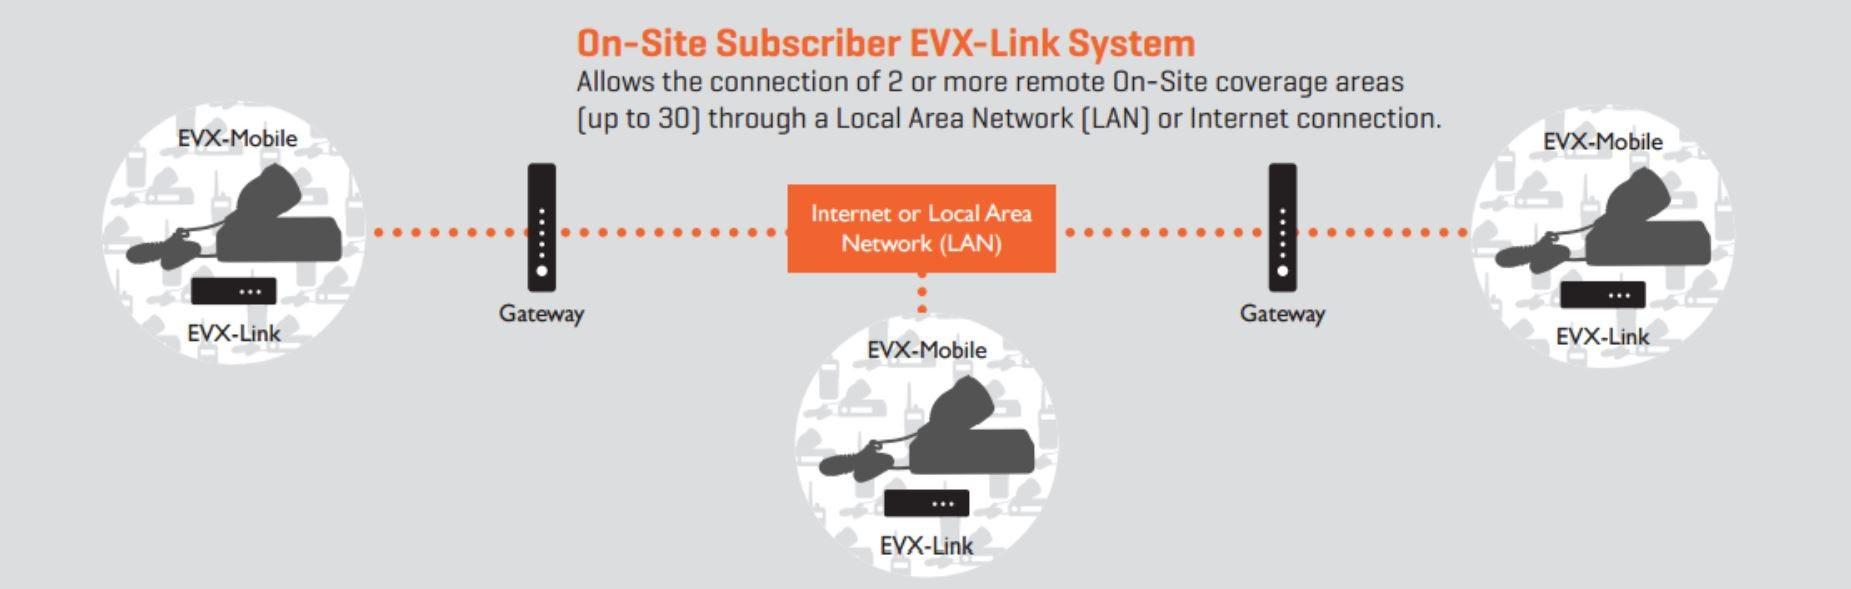 EVX-Link